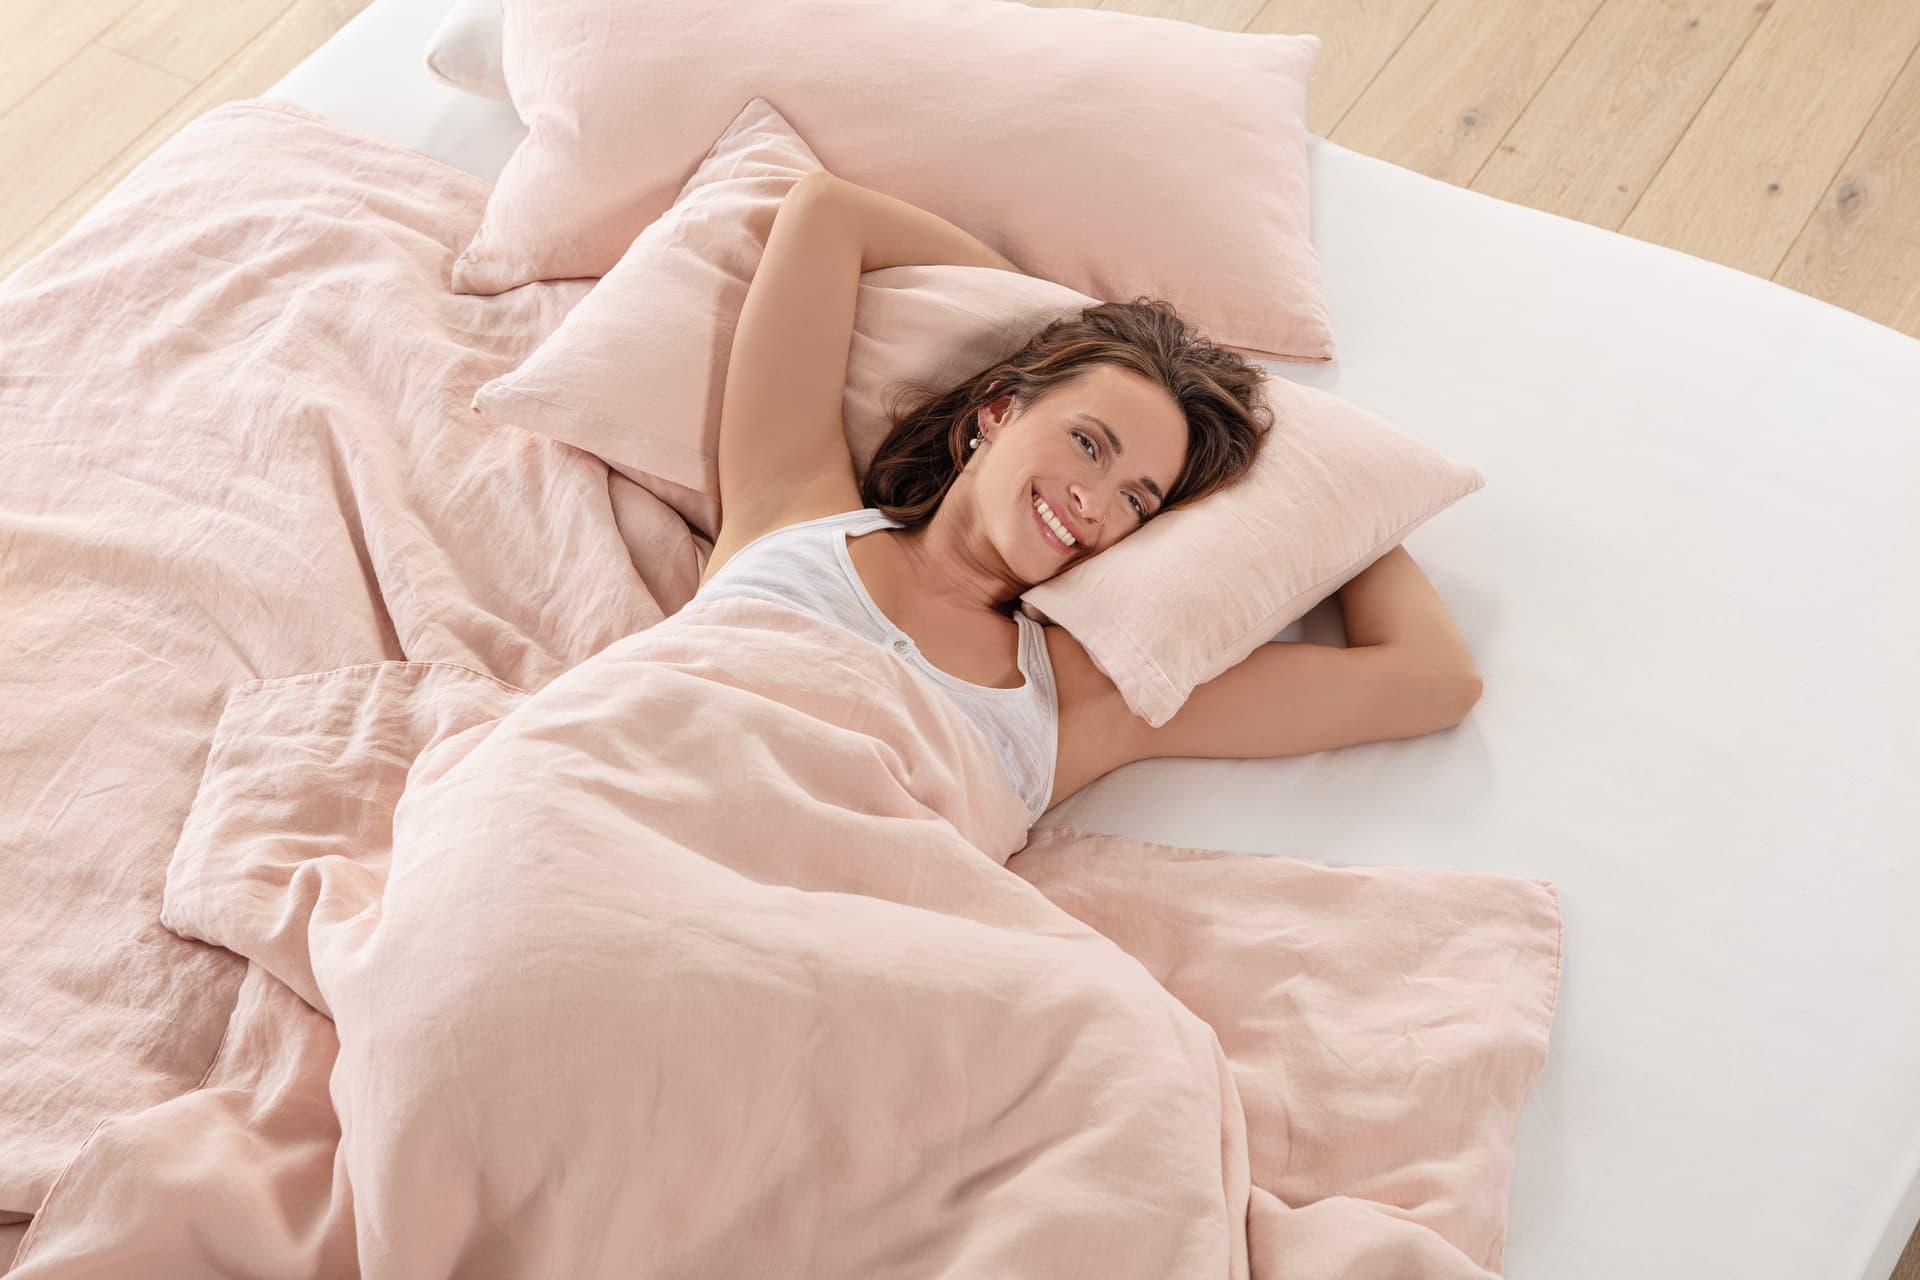 Frau im Bett mit Hanfbettwäsche